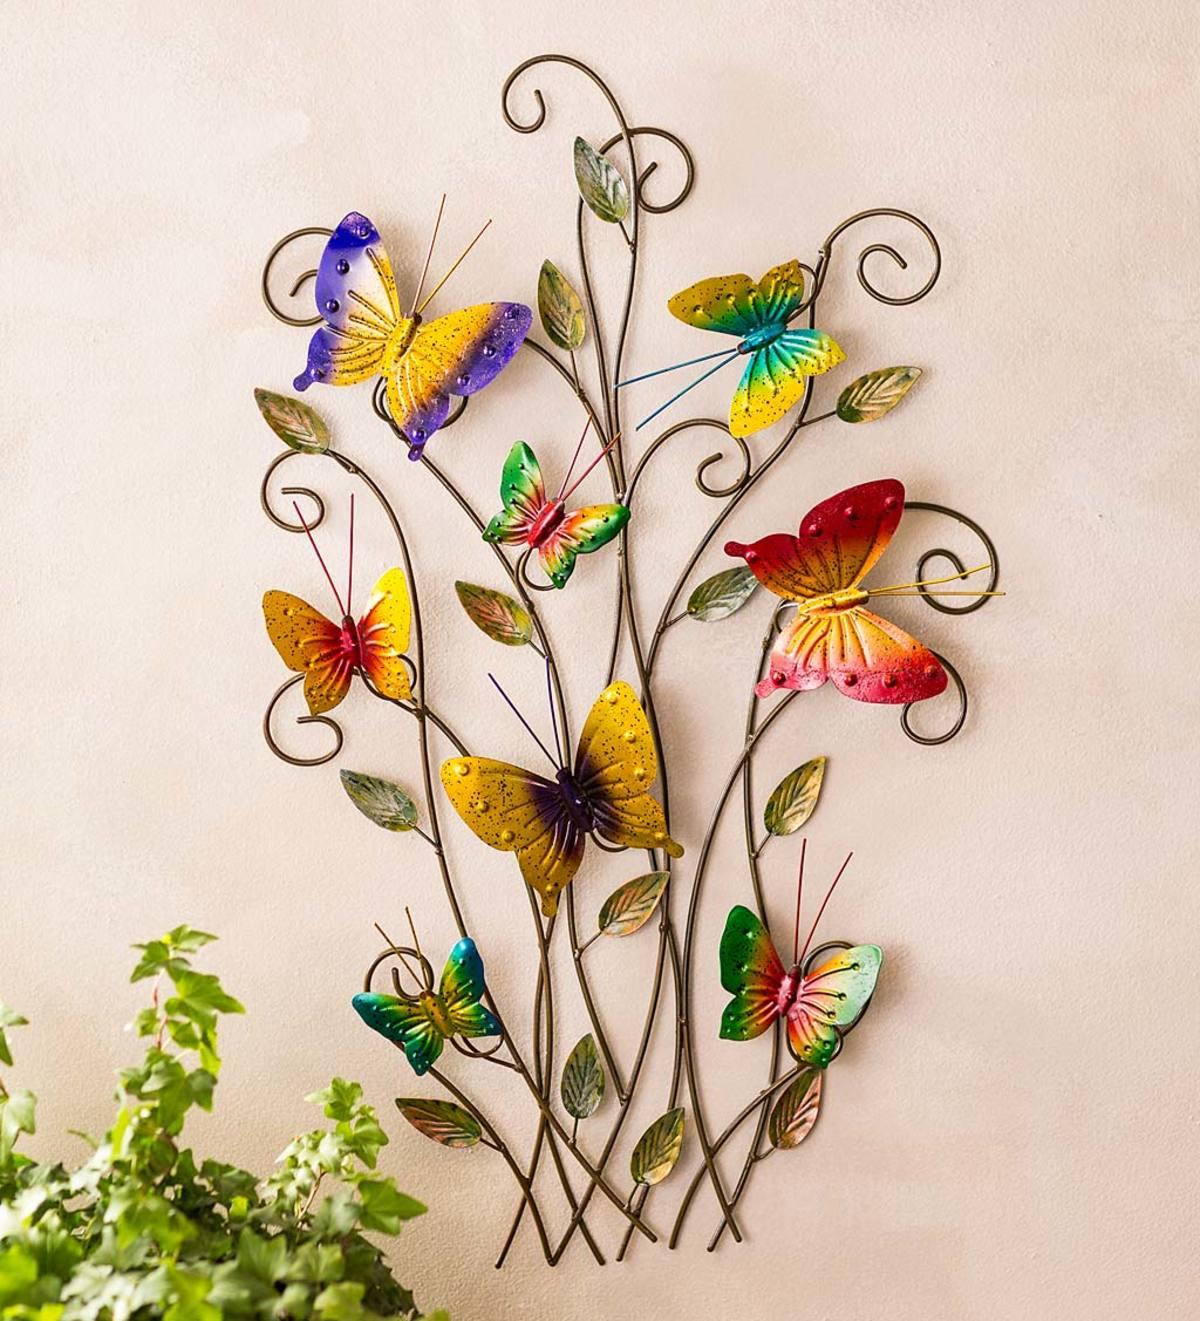 3-Dimensional Indoor/Outdoor Metal Butterflies Wall Art ...